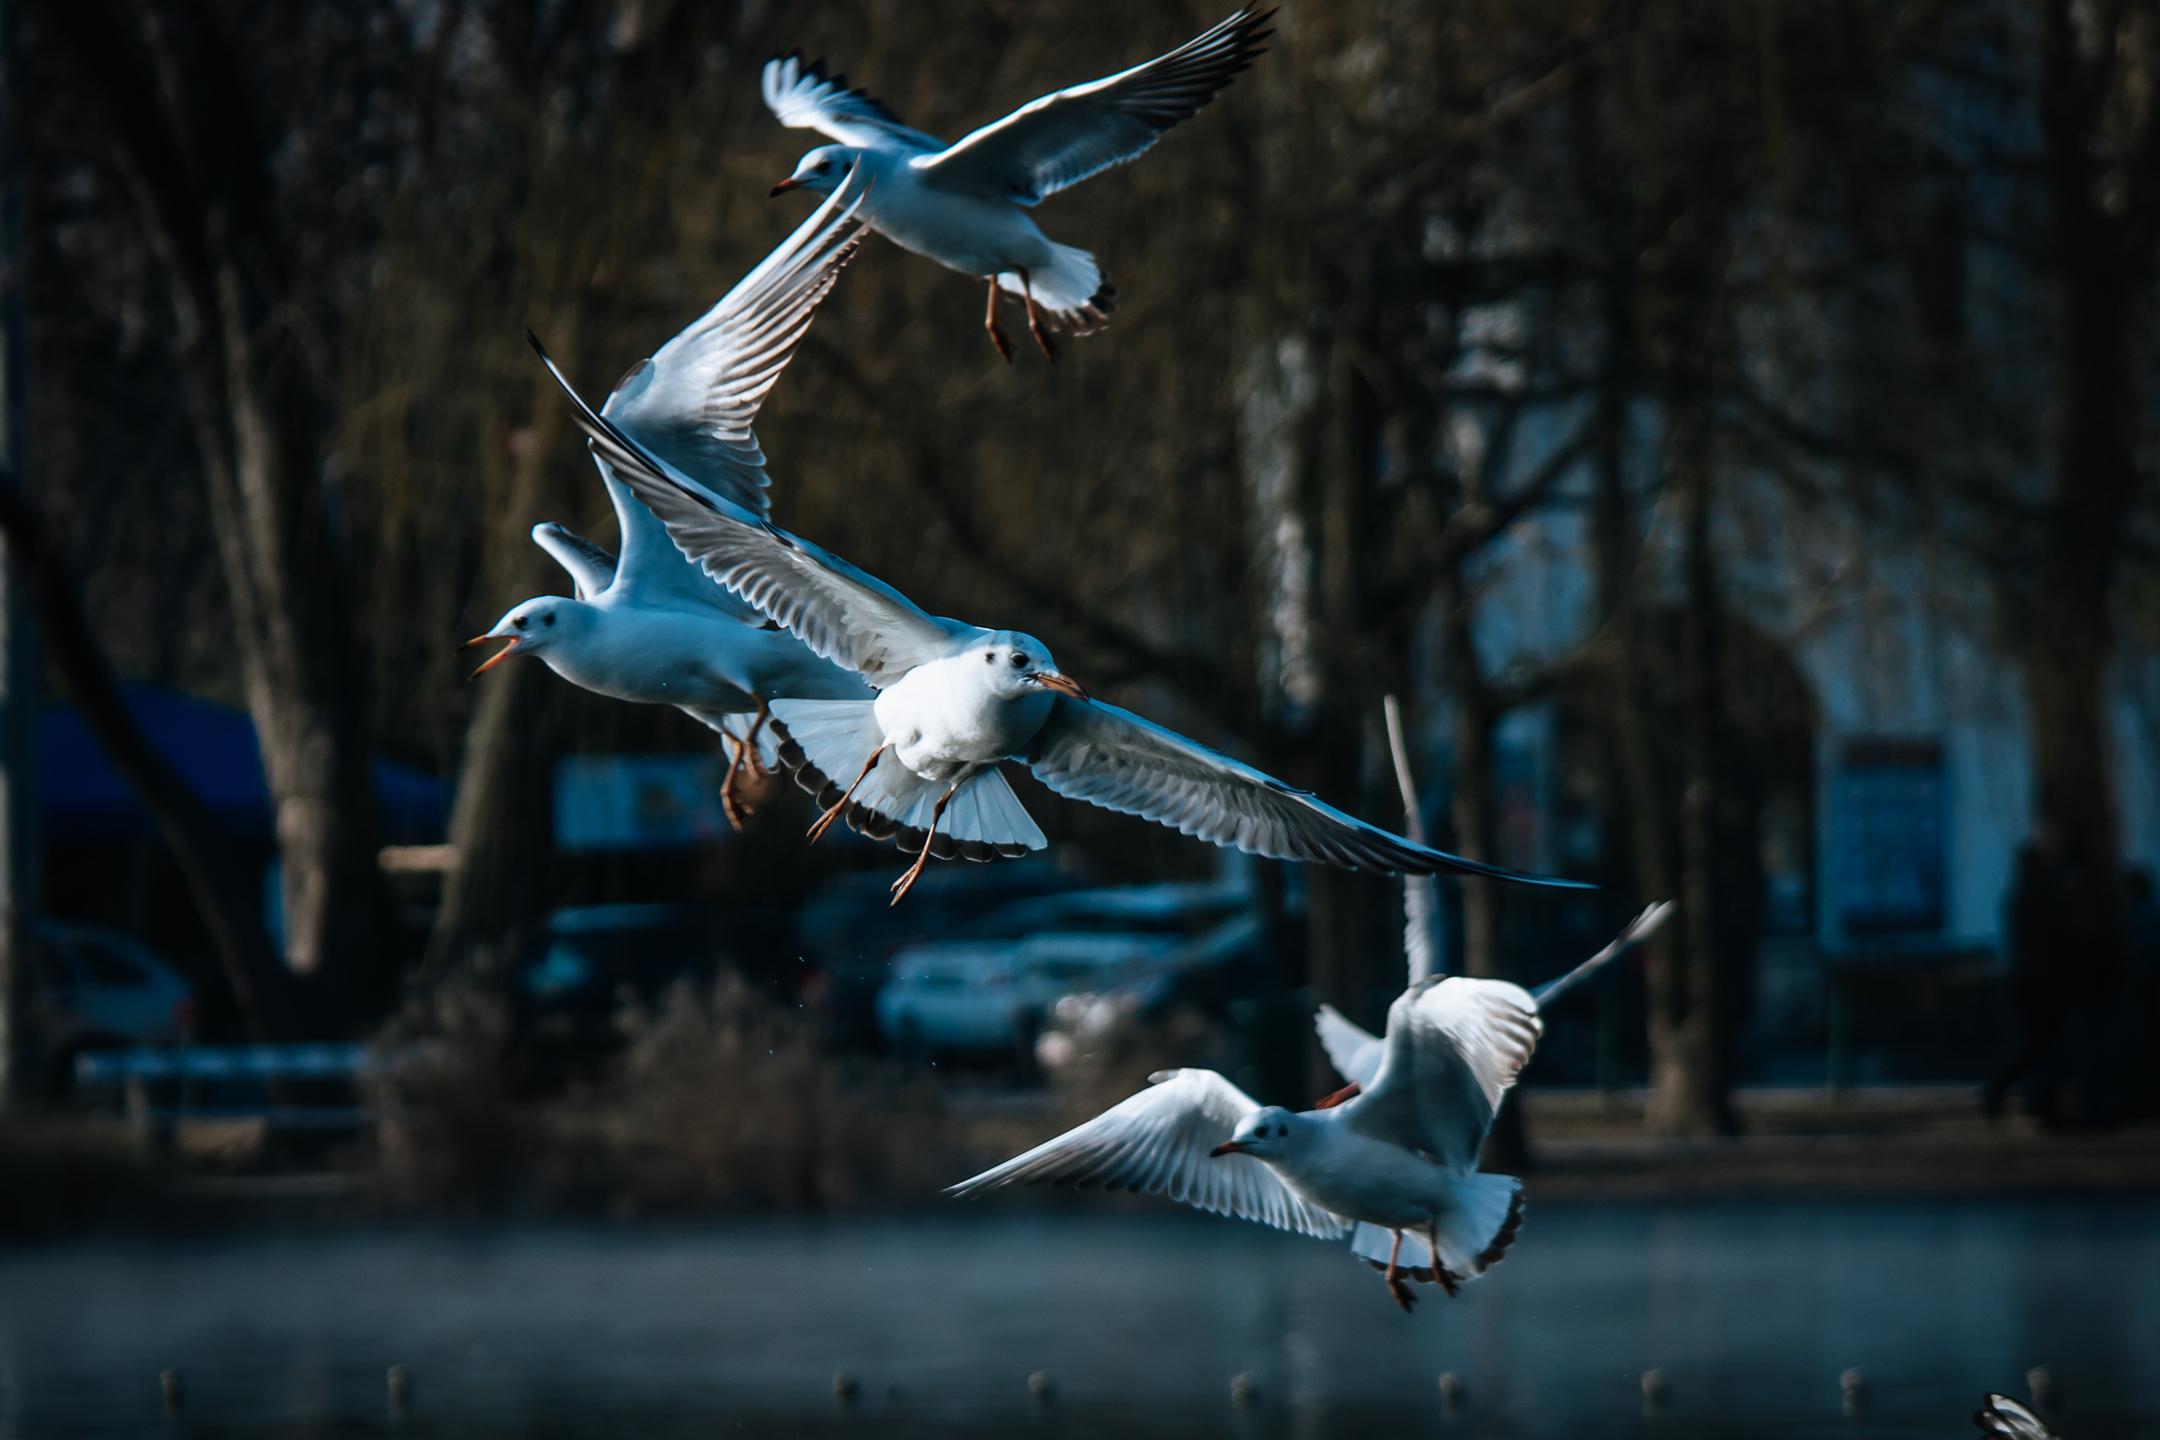 Seagulls, Sirályok, Budapest, Liget